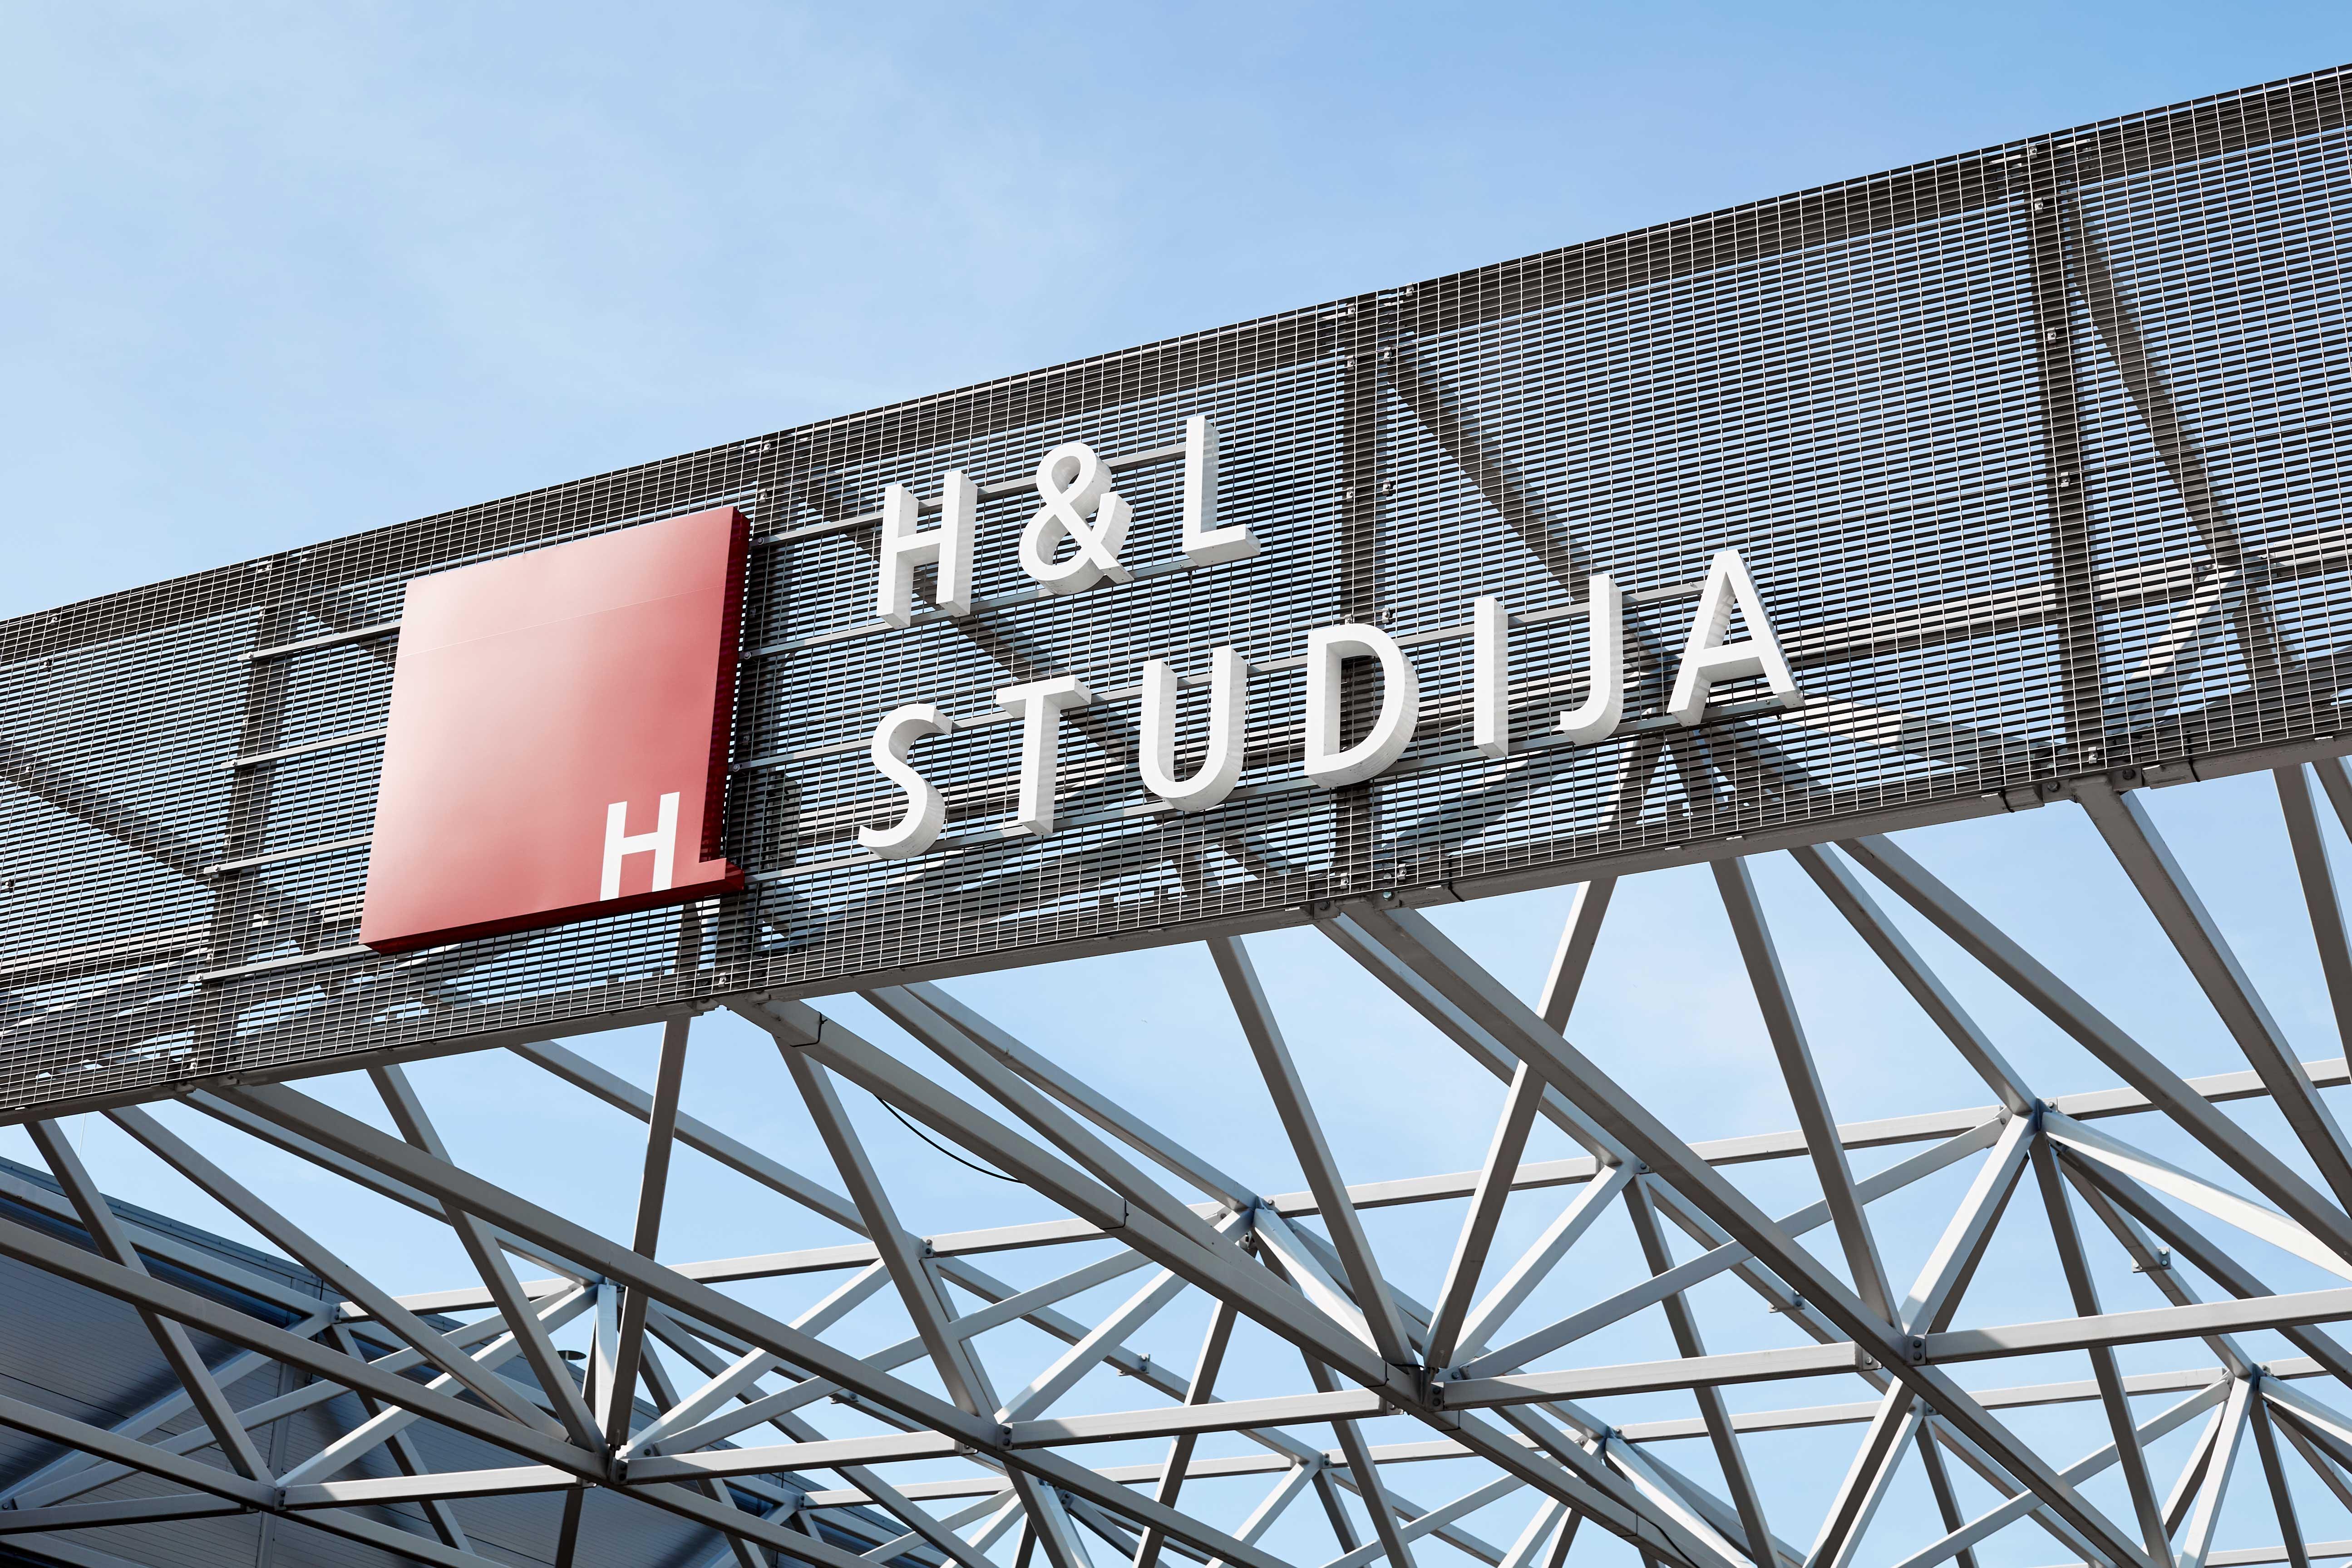 flizes logi HL studija Riga Liepaja